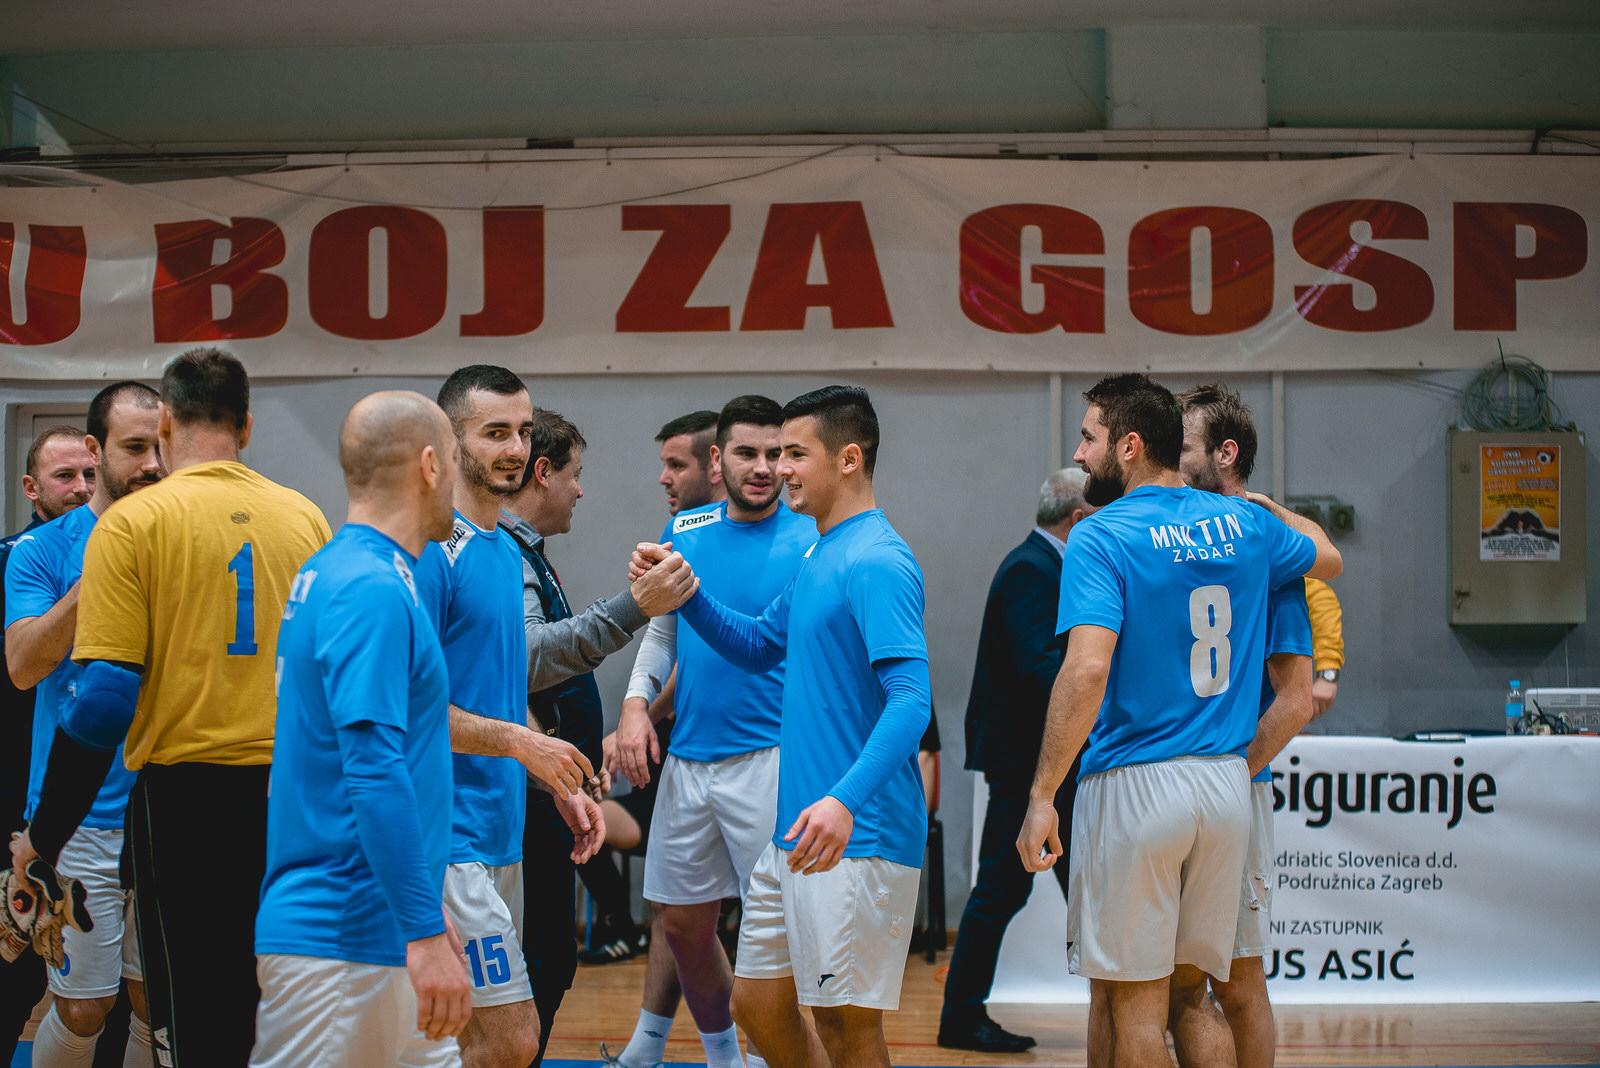 likaclub_gospić_zimski-malonogometni-turnir-2018-19-74